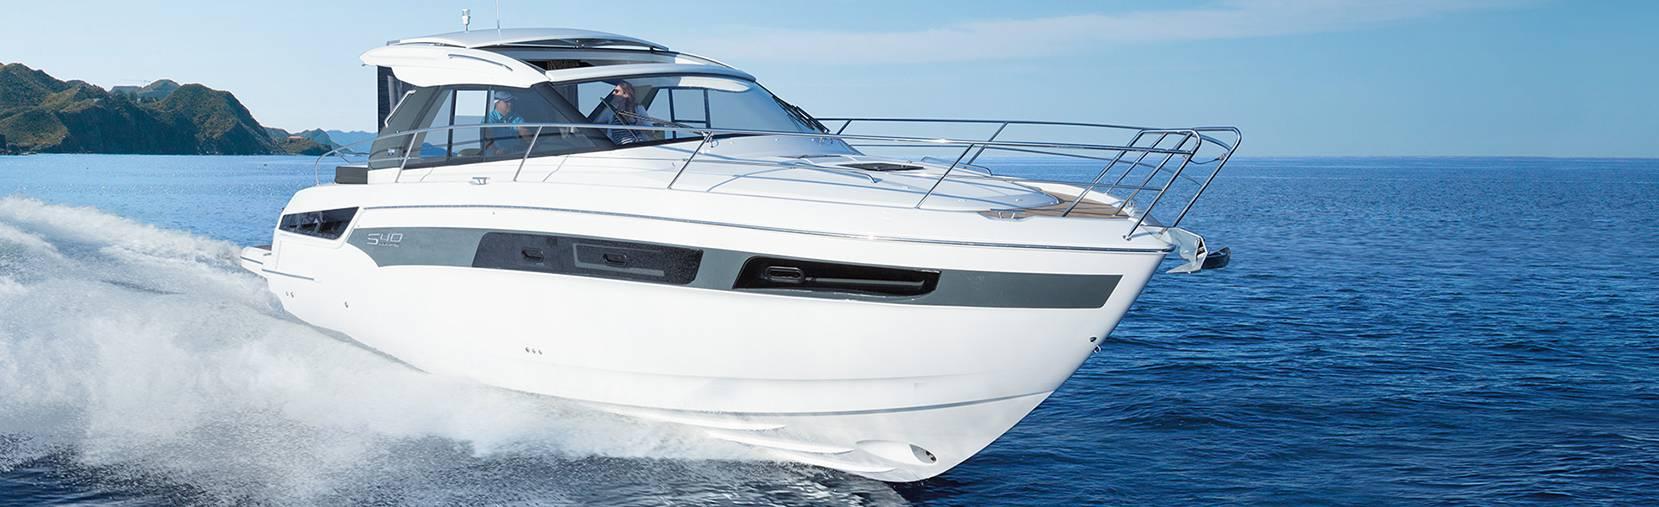 Bavaria S40 boat